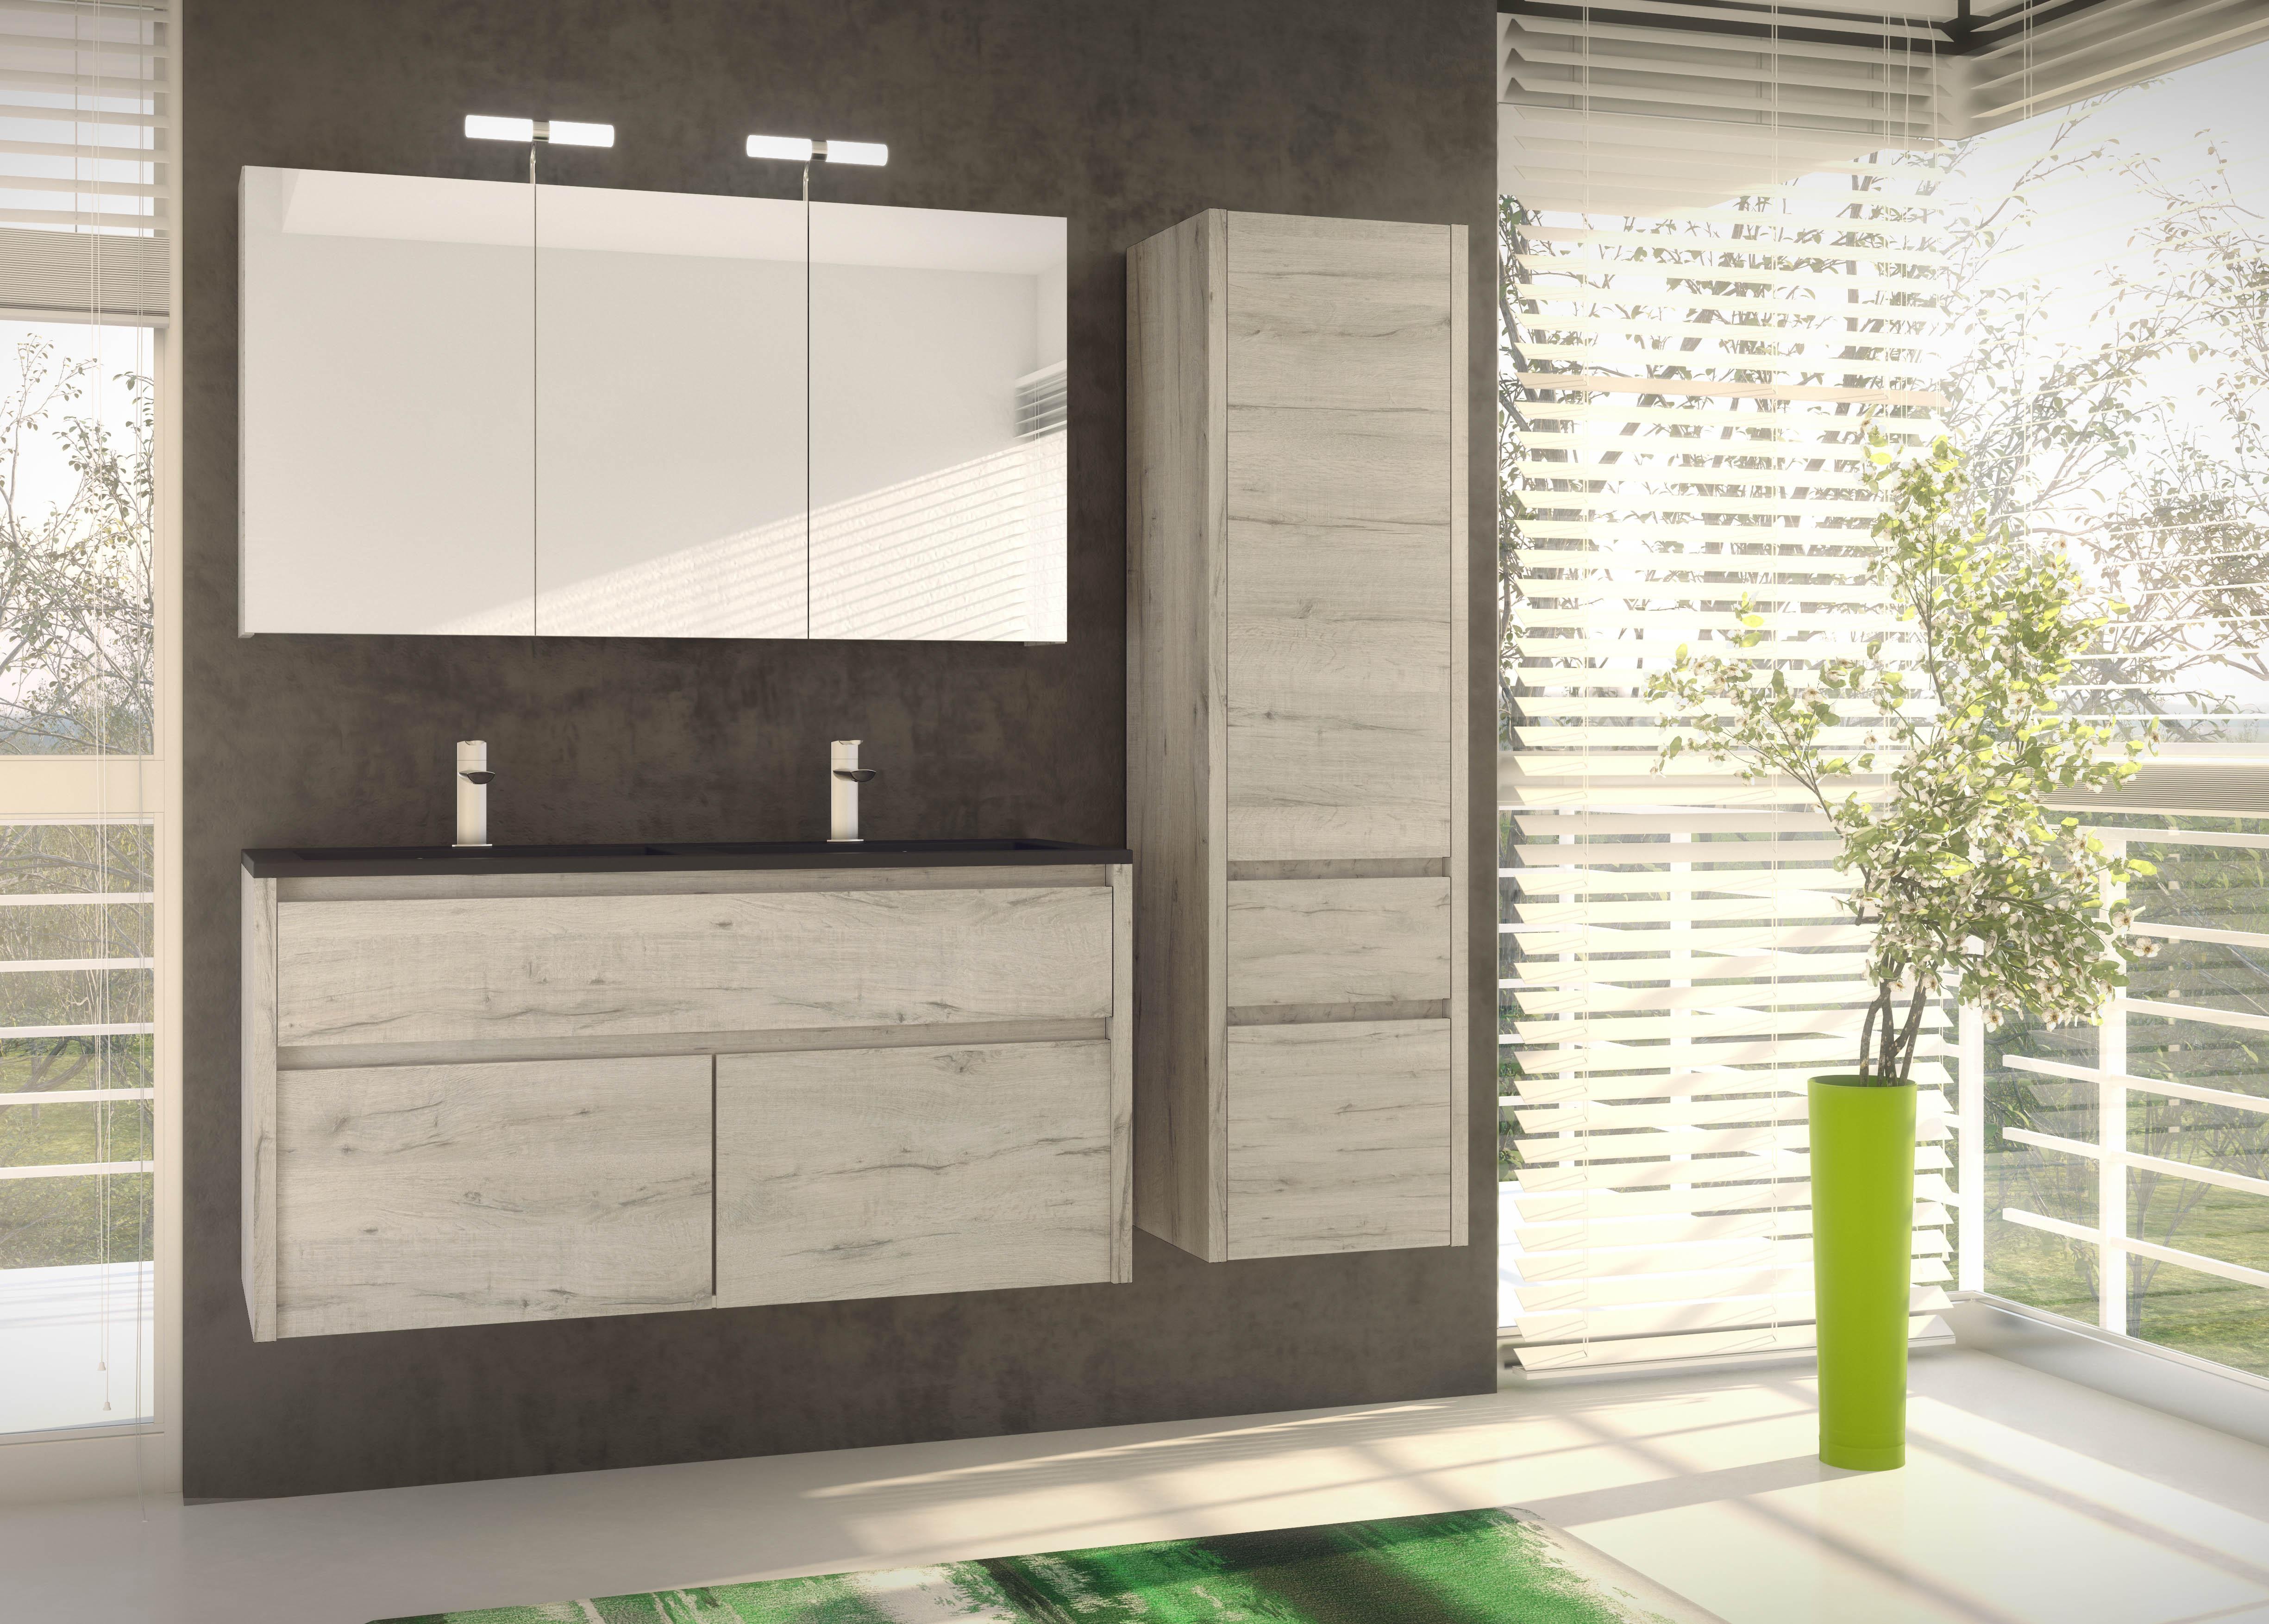 Salle De Bain 2017 meuble aston, le bois s'invite dans la salle de bains | clc